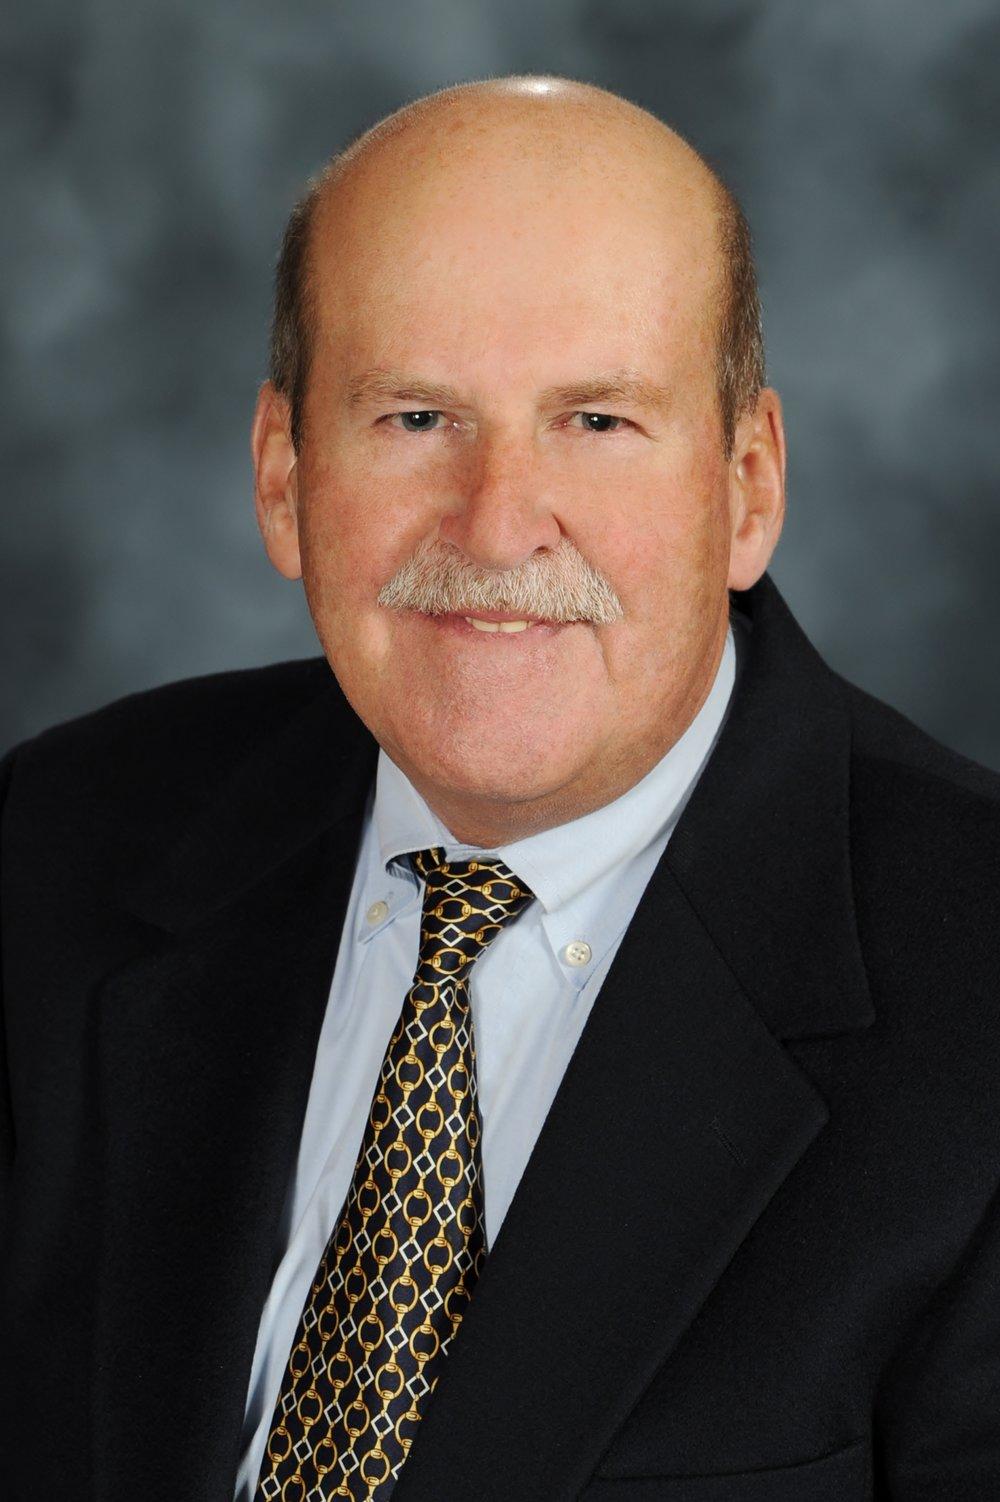 Thomas J. Gunning